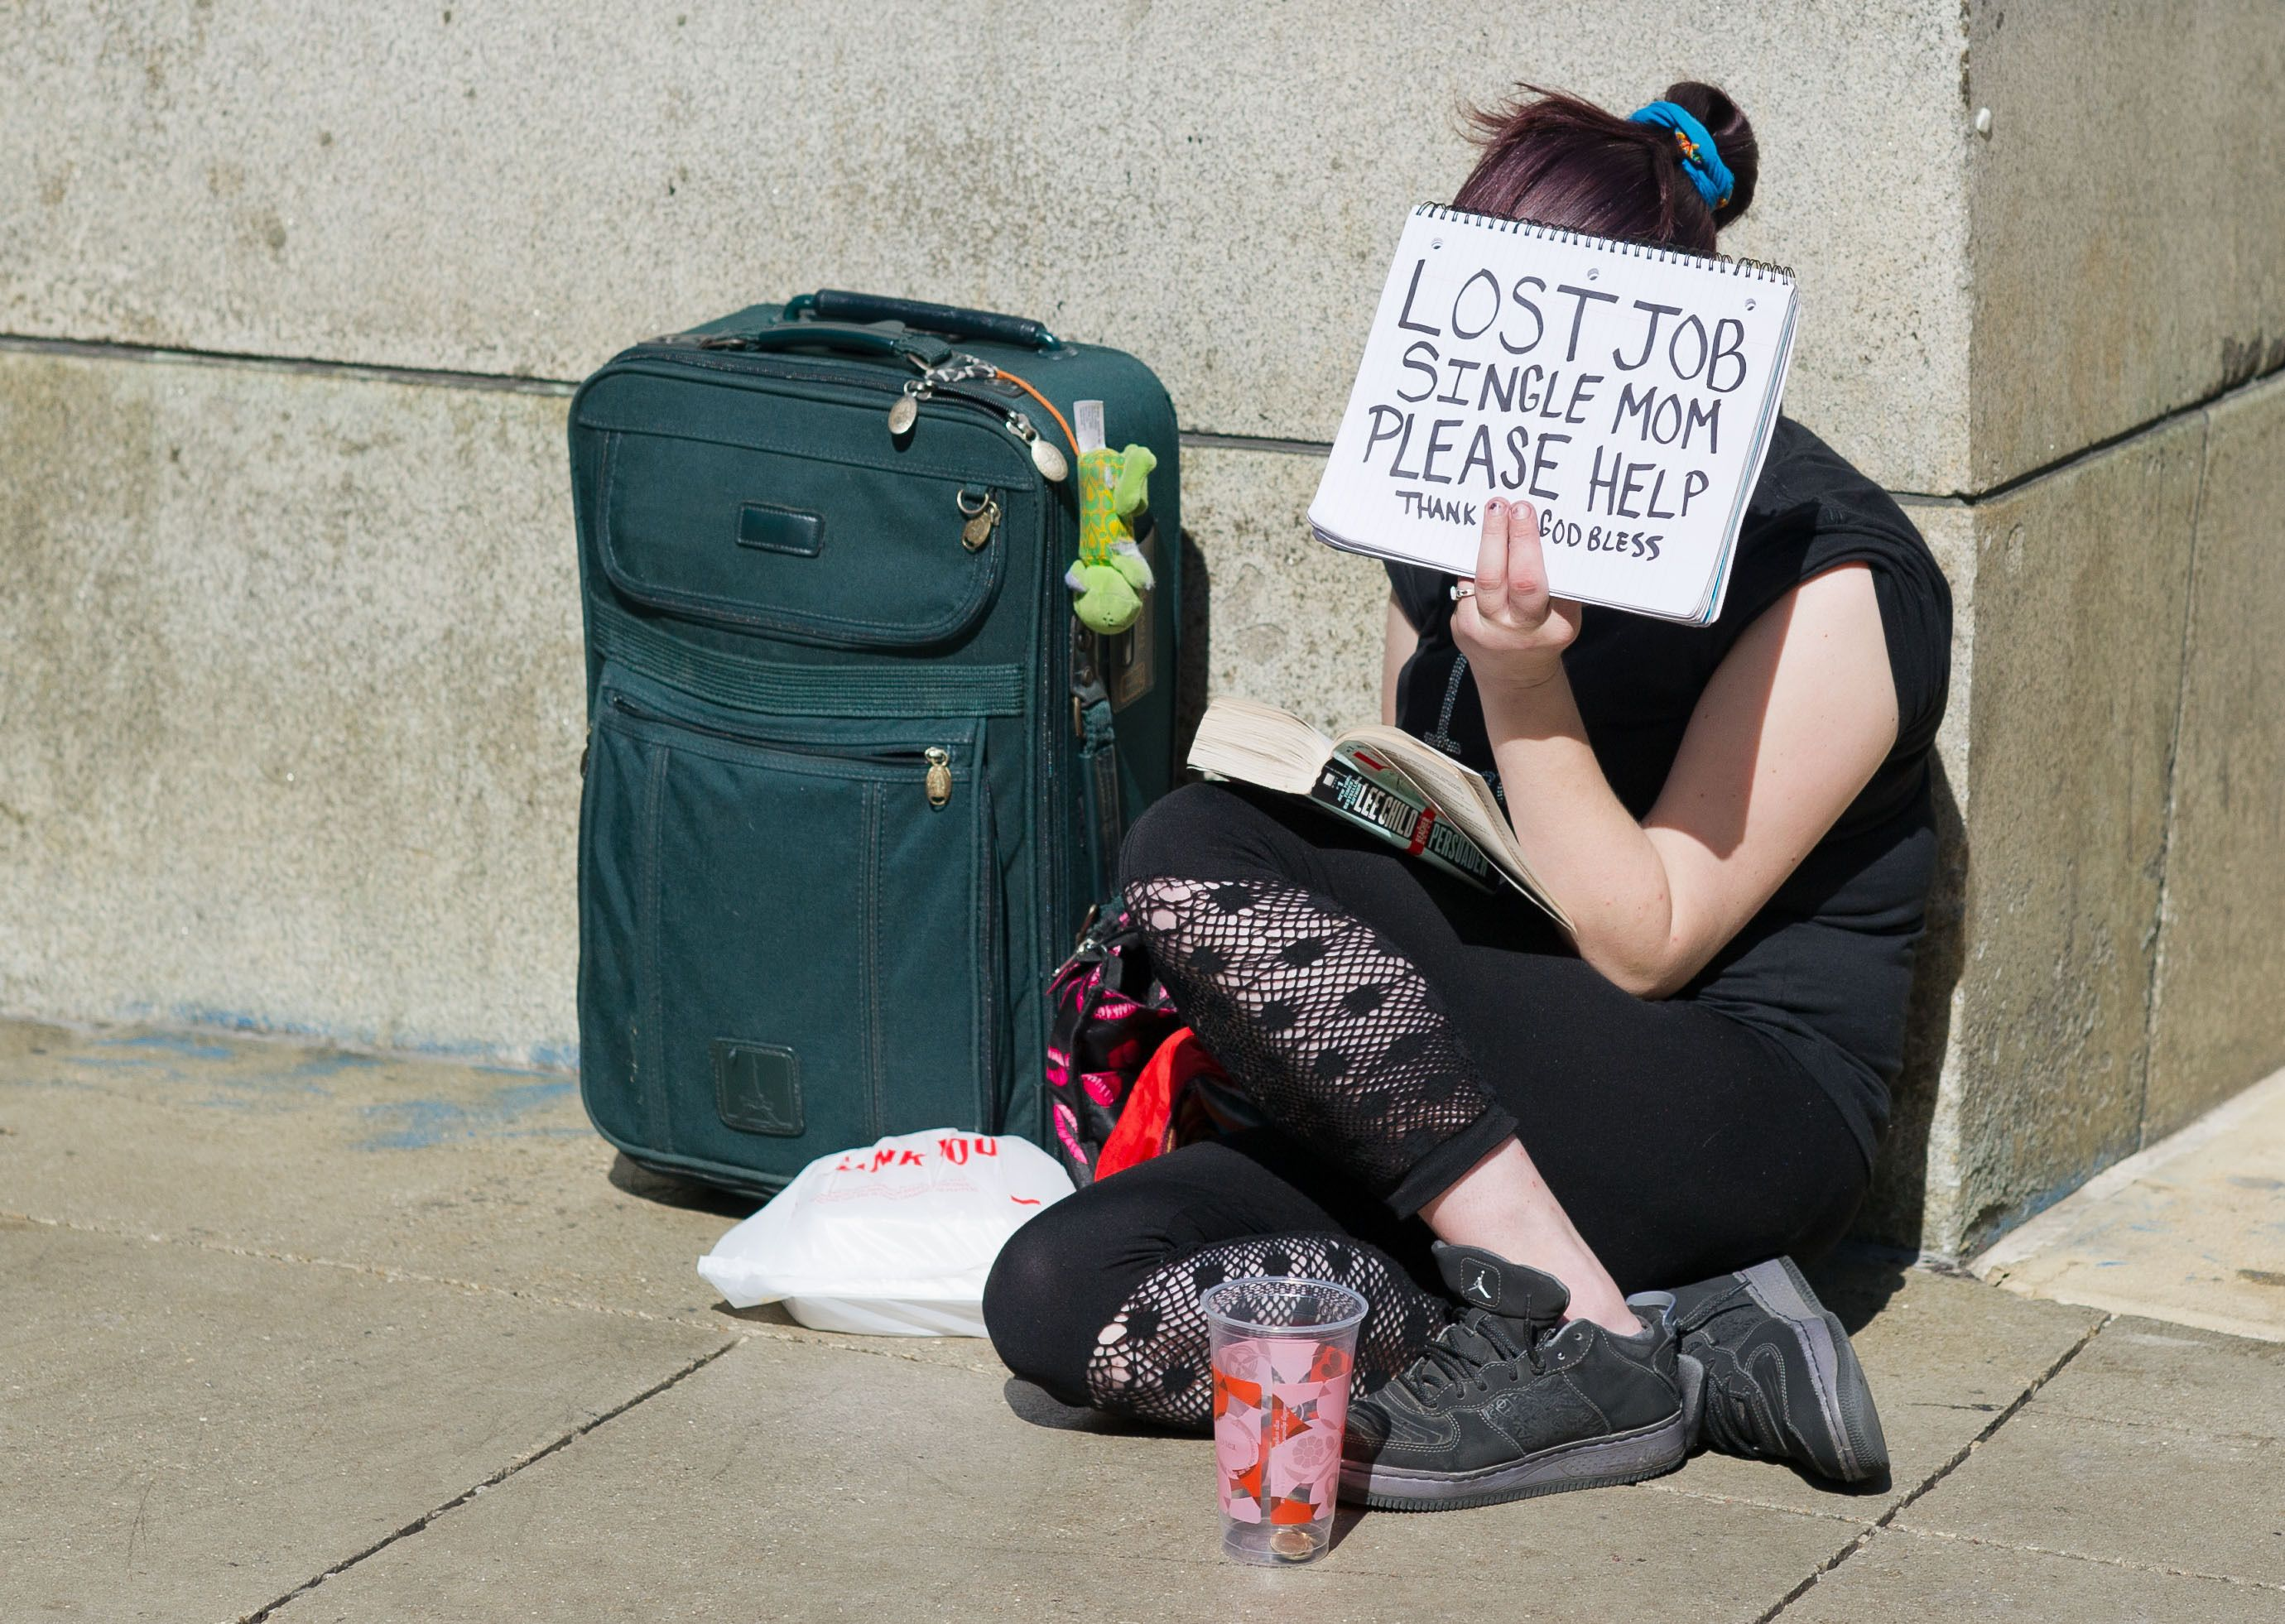 Estados Unidos: el 35,4% de las personas sobrevive con cupones alimenticios